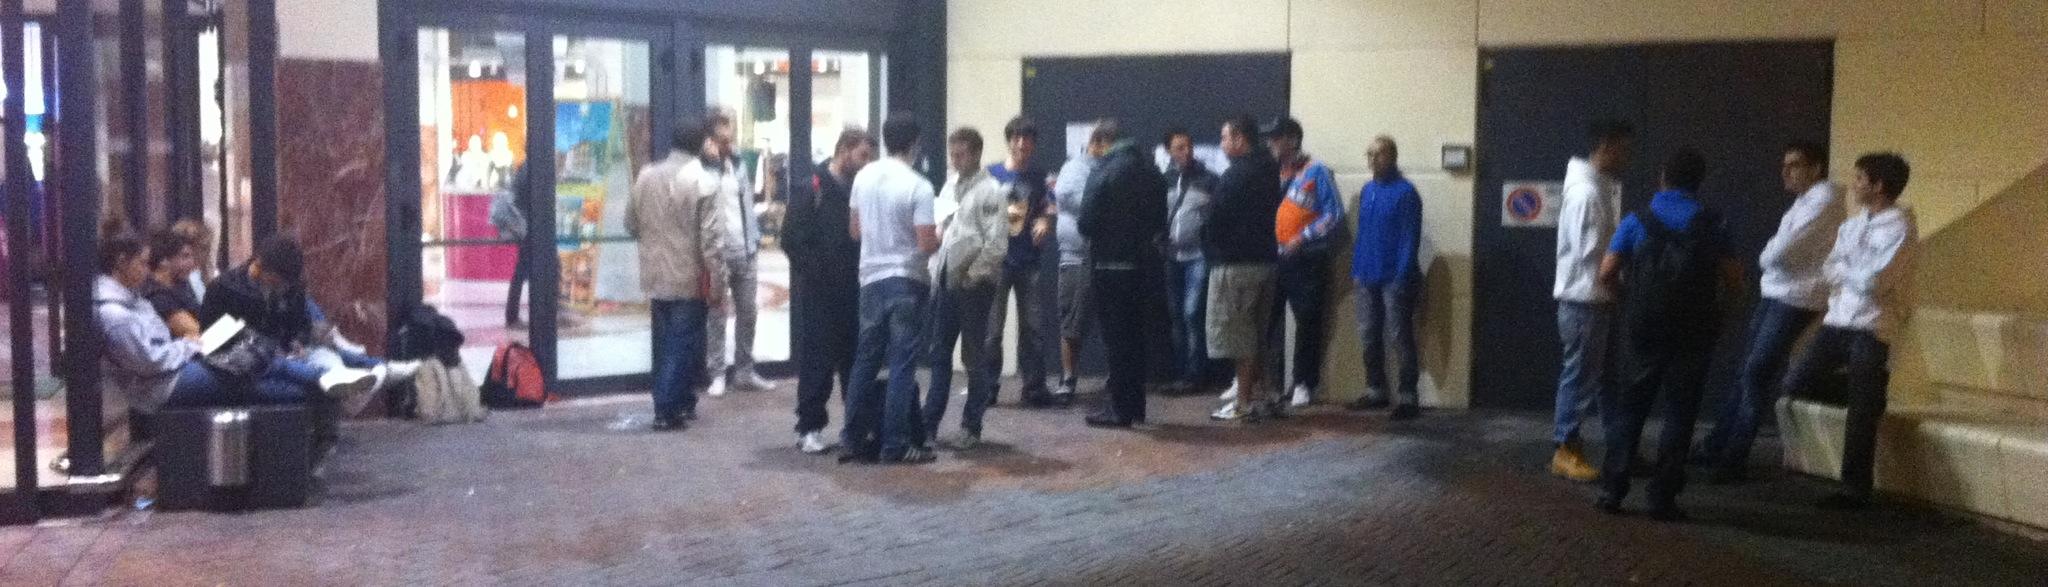 iPhone 5 Day One - La coda davanti al Centro Commerciale I Gigli è iniziata nel pomeriggio